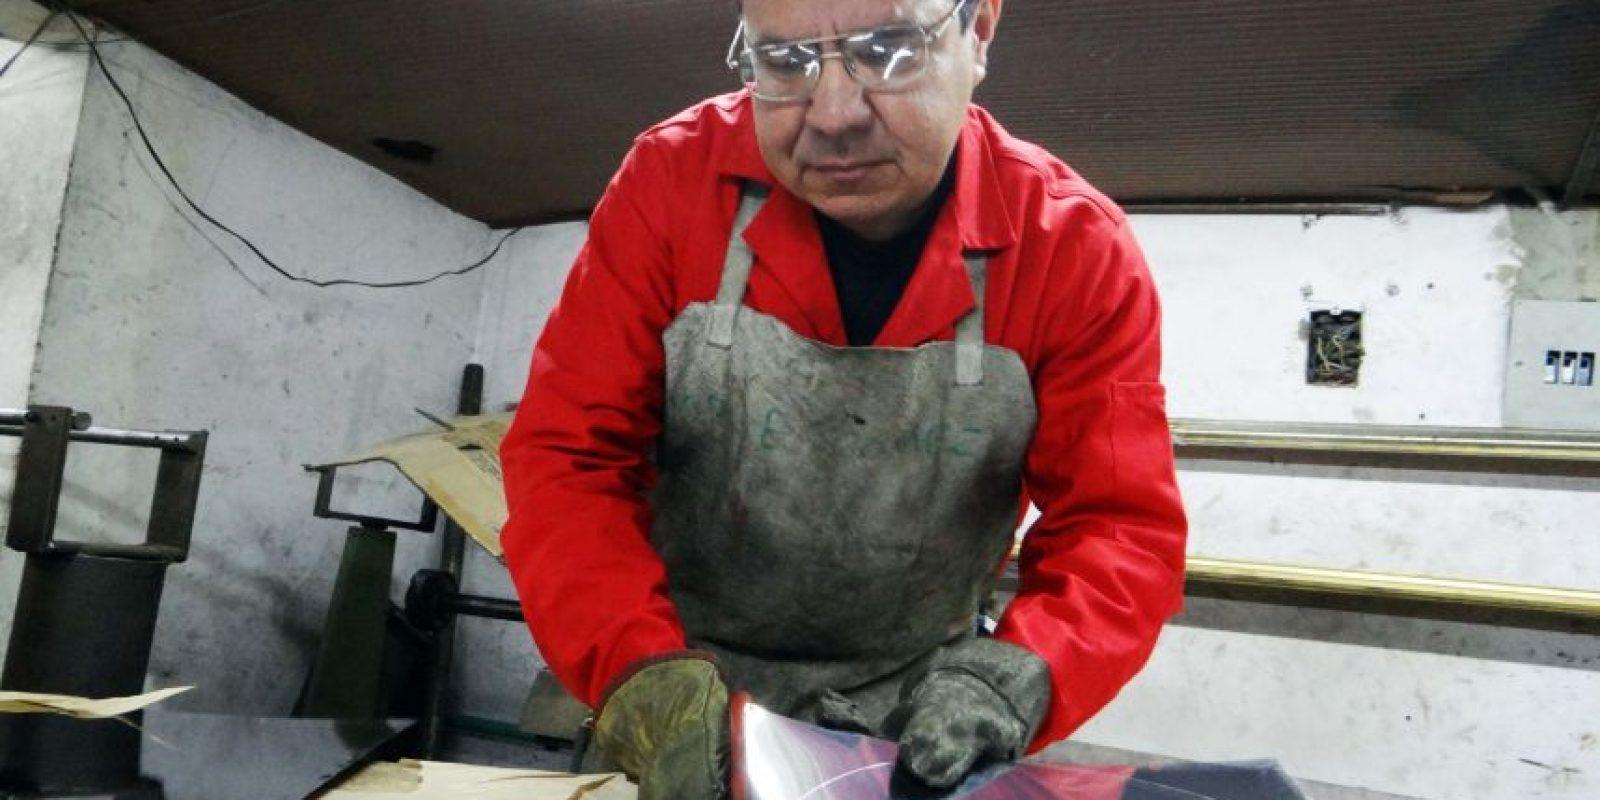 Las bases de las jirafas son cortadas de láminas de aluminio que vienen en rollos de dos toneladas. Foto:Diego Hernán Pérez / PUBLIMETRO